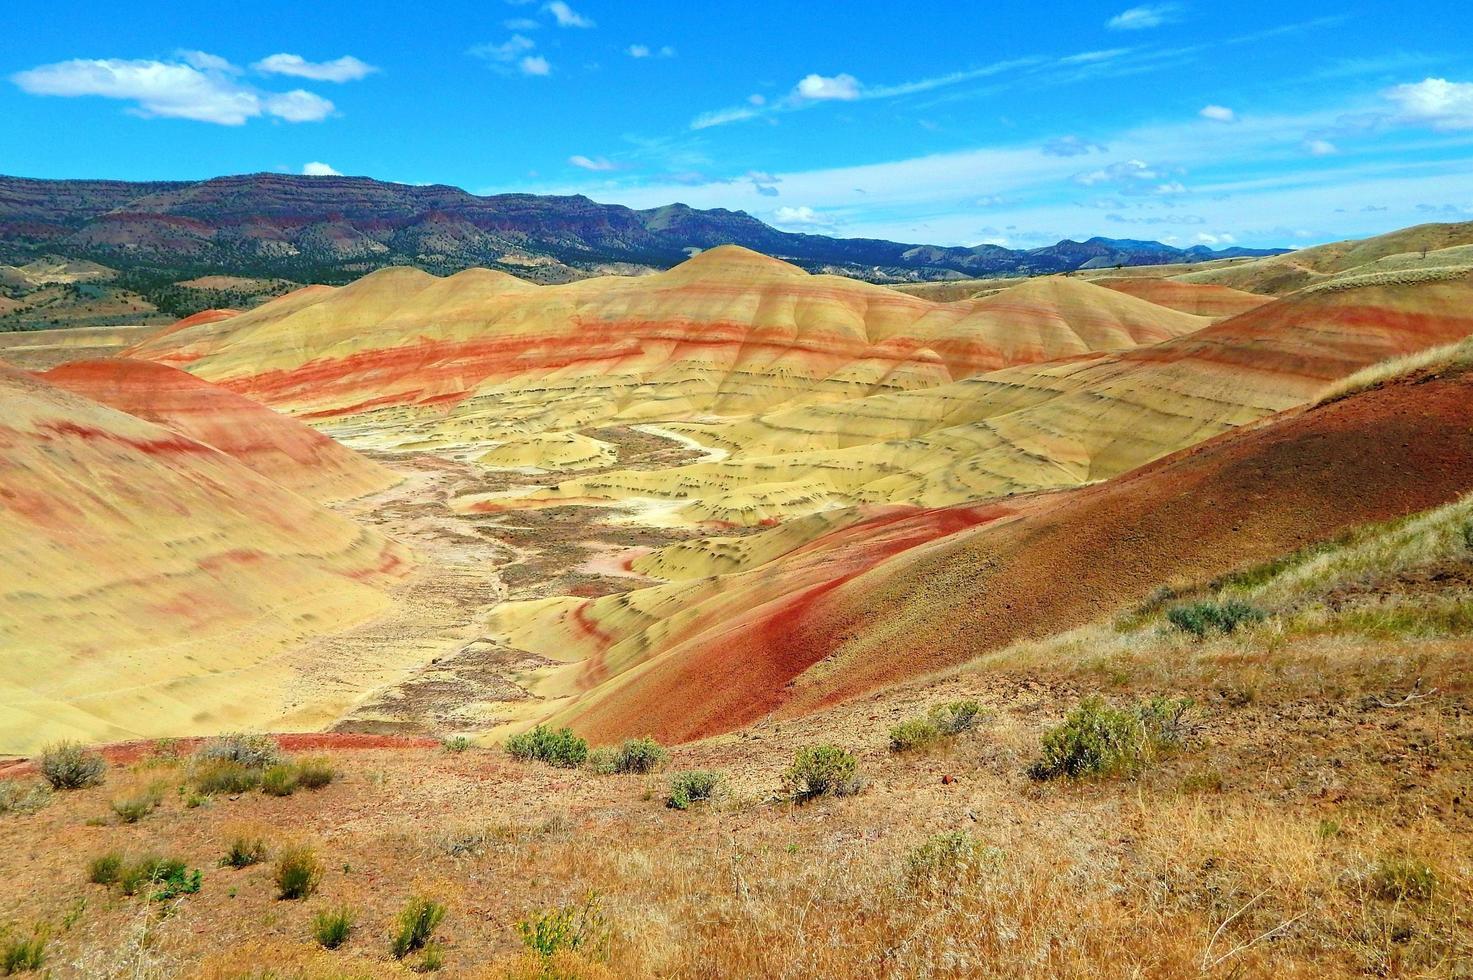 Wüstenfarben - gemalte Hügel - John Day fossile Betten Nationaldenkmal - in der Nähe von Mitchell, oder foto